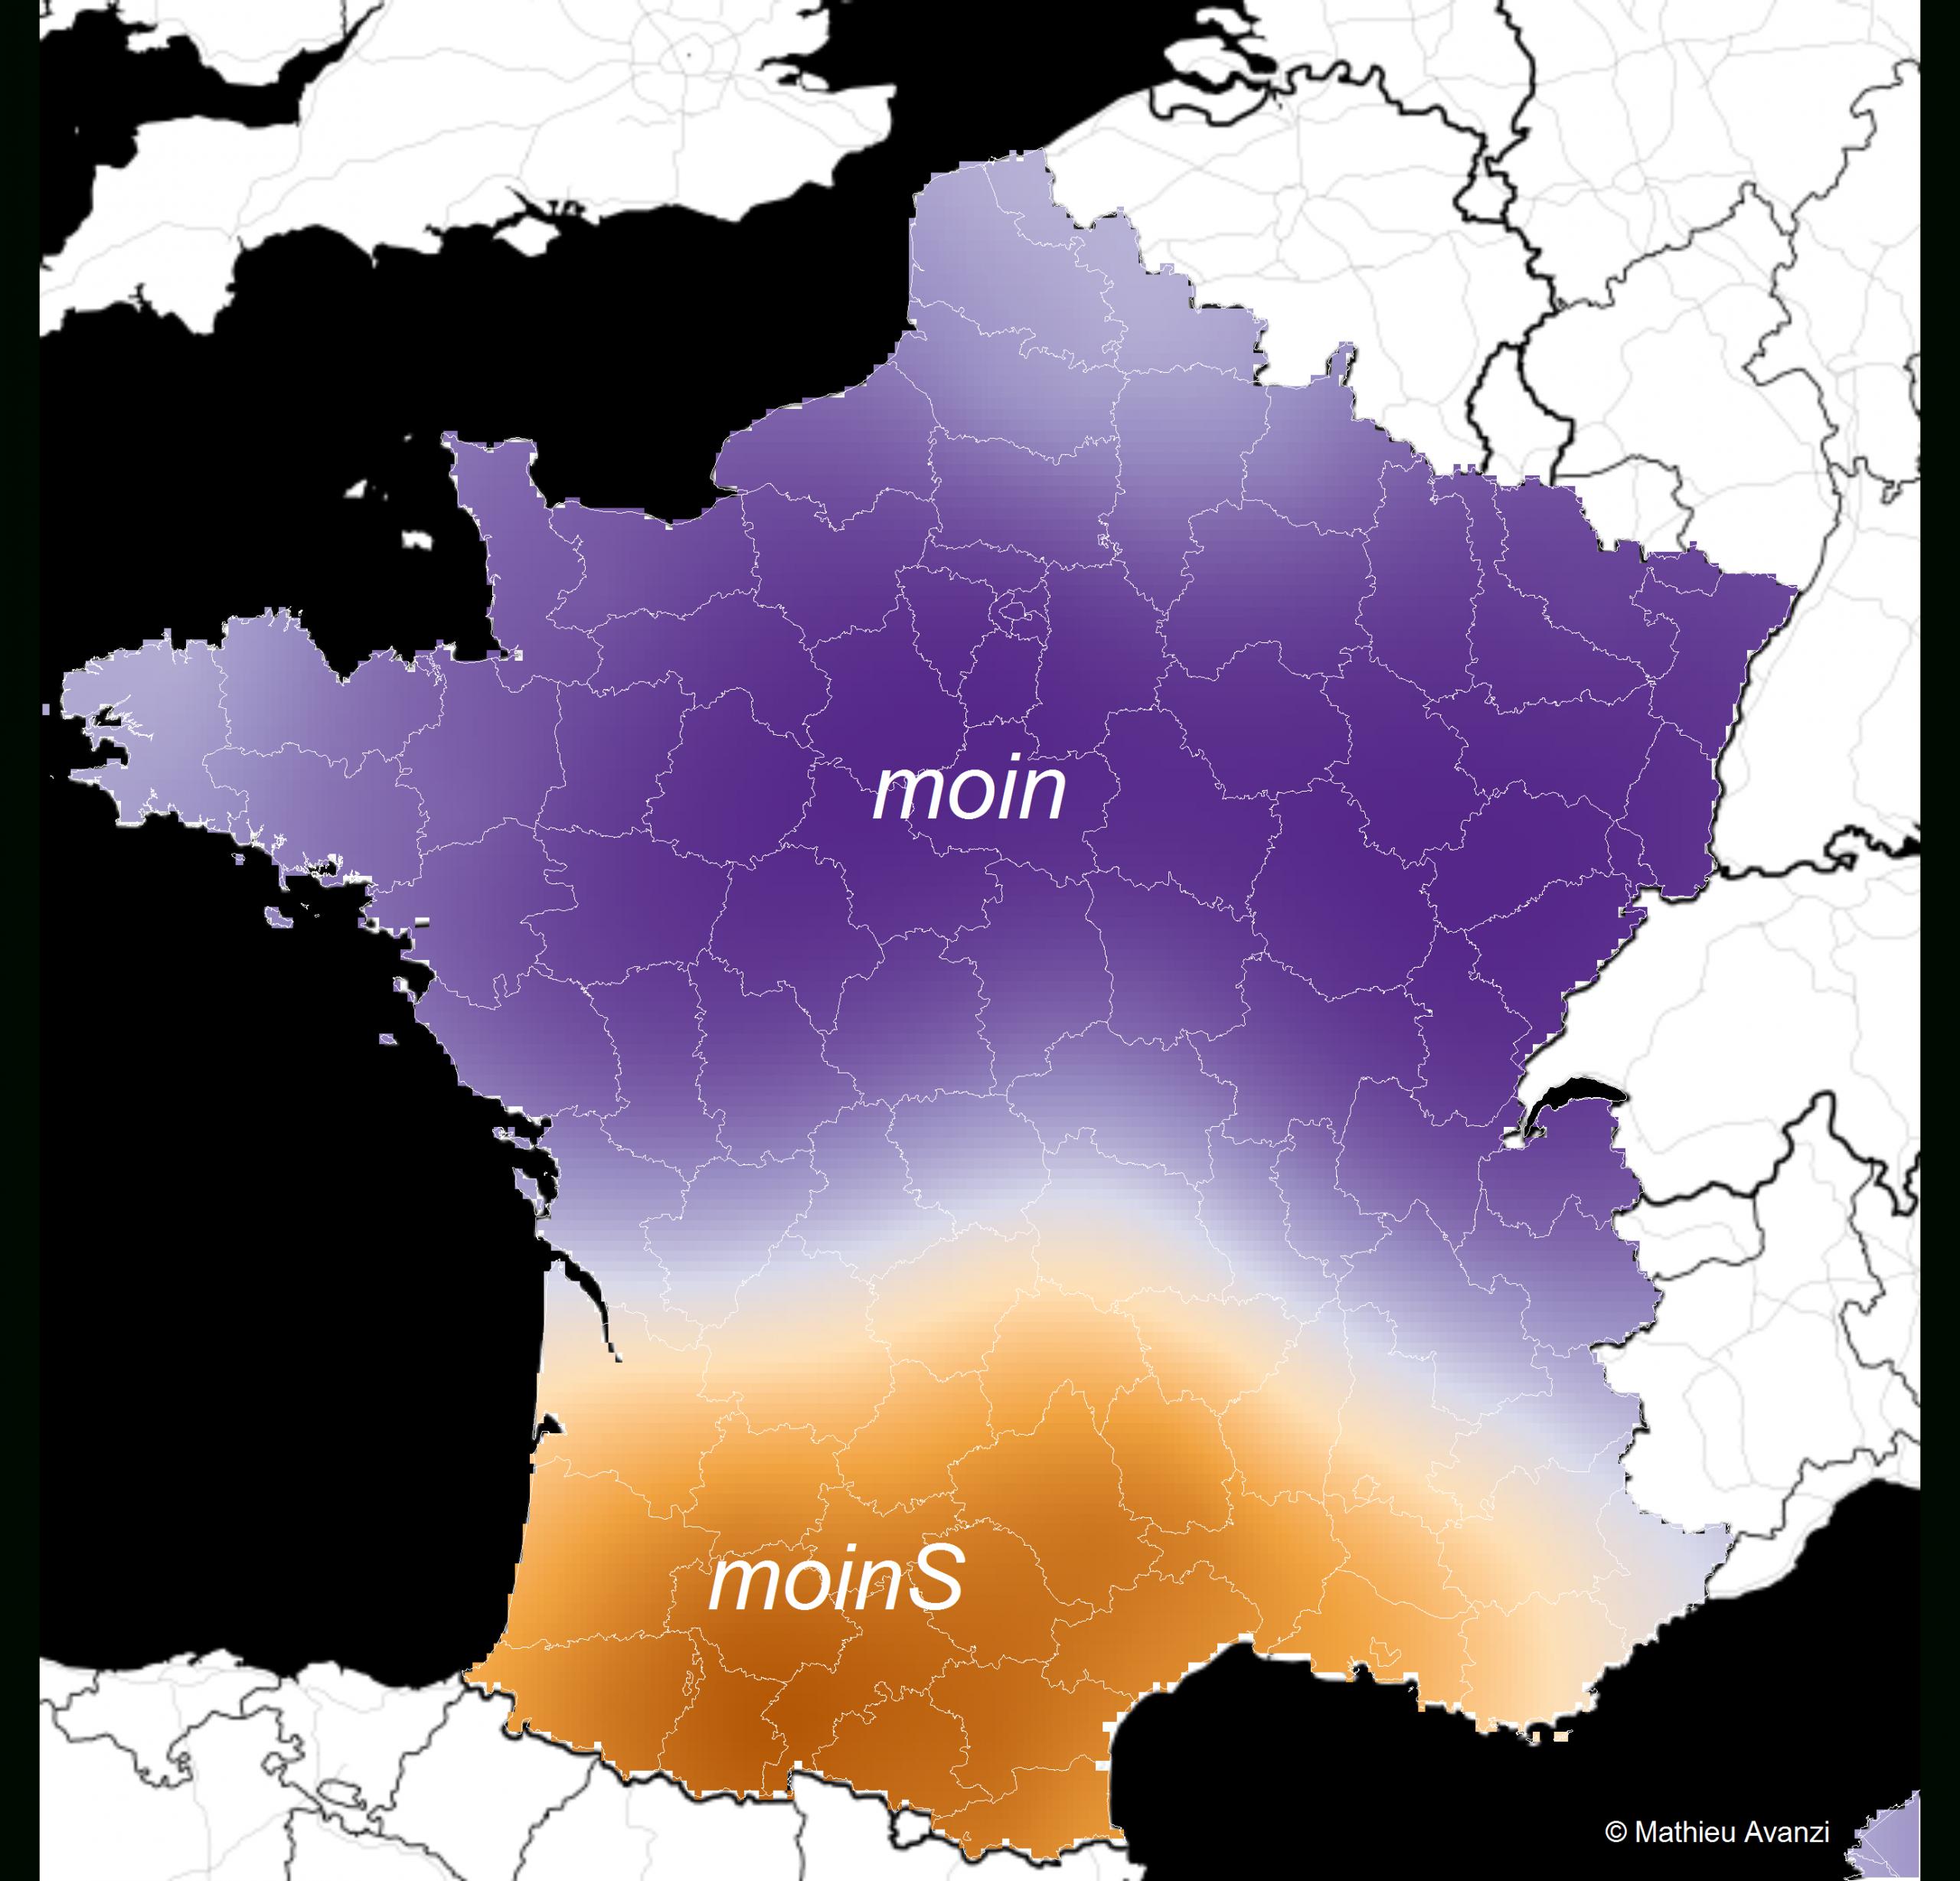 Ces Mots Qui Ne Se Prononcent Pas De La Même Façon D'un Bout à Liste Des Régions De France